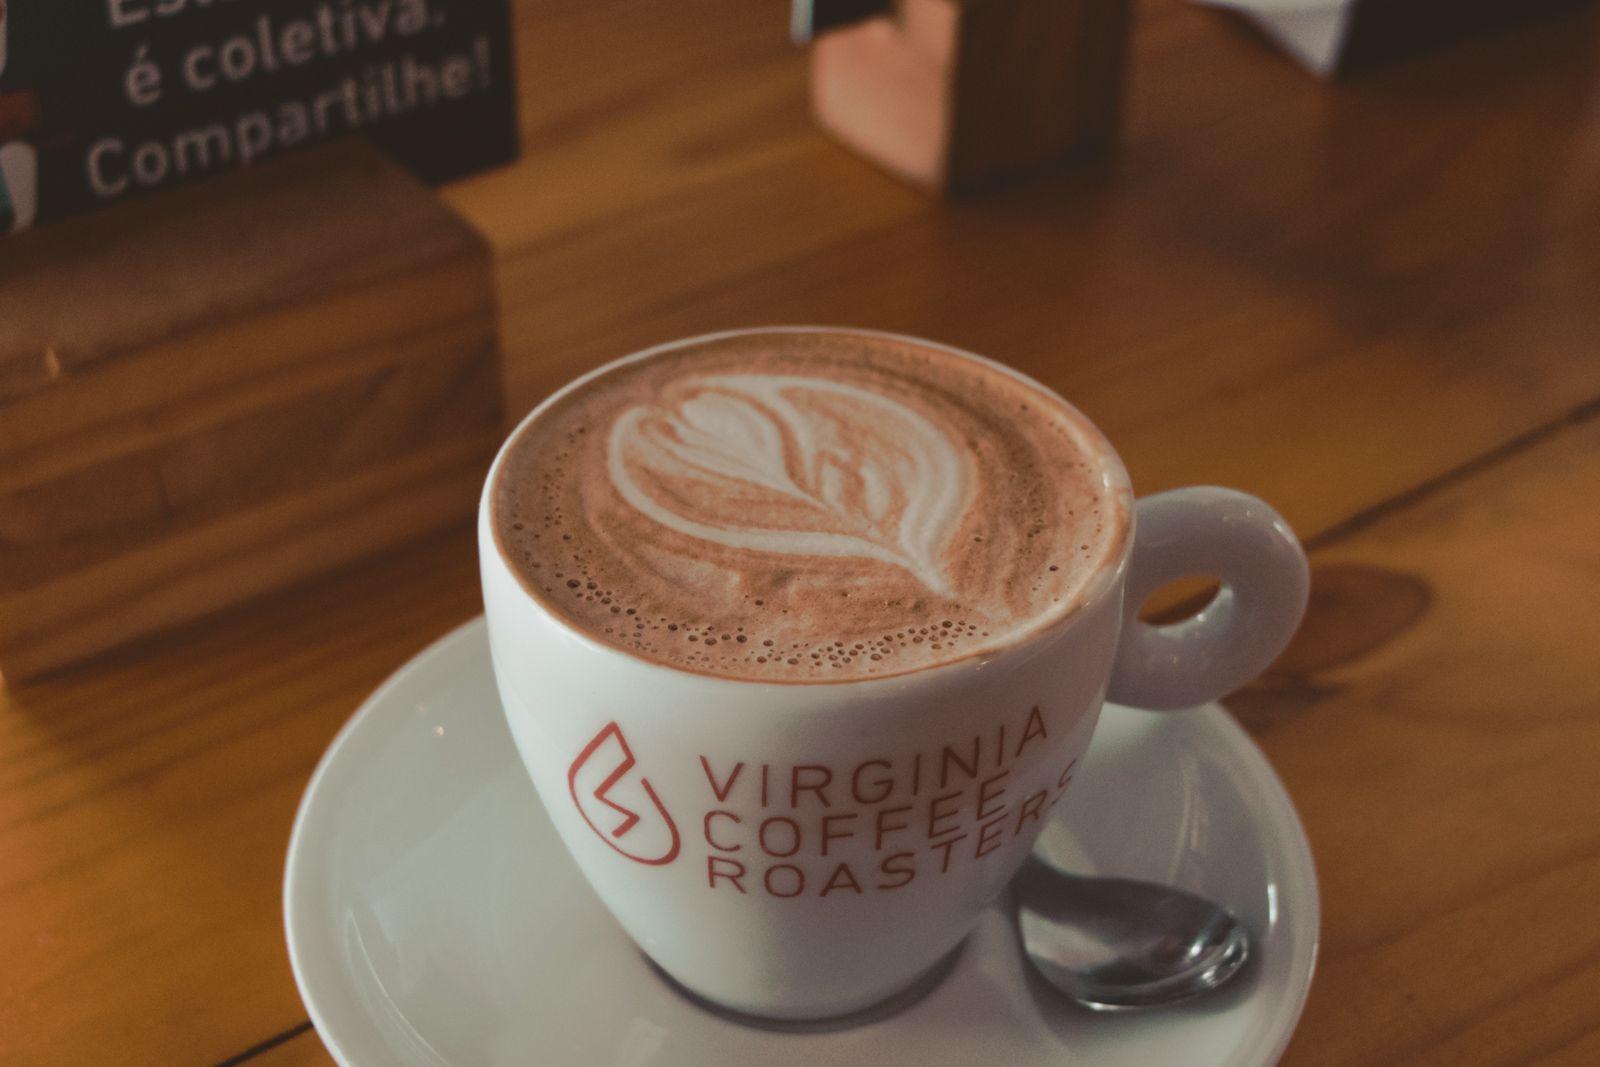 Virginia Coffee Roasters | Campinas - SP cappuccino